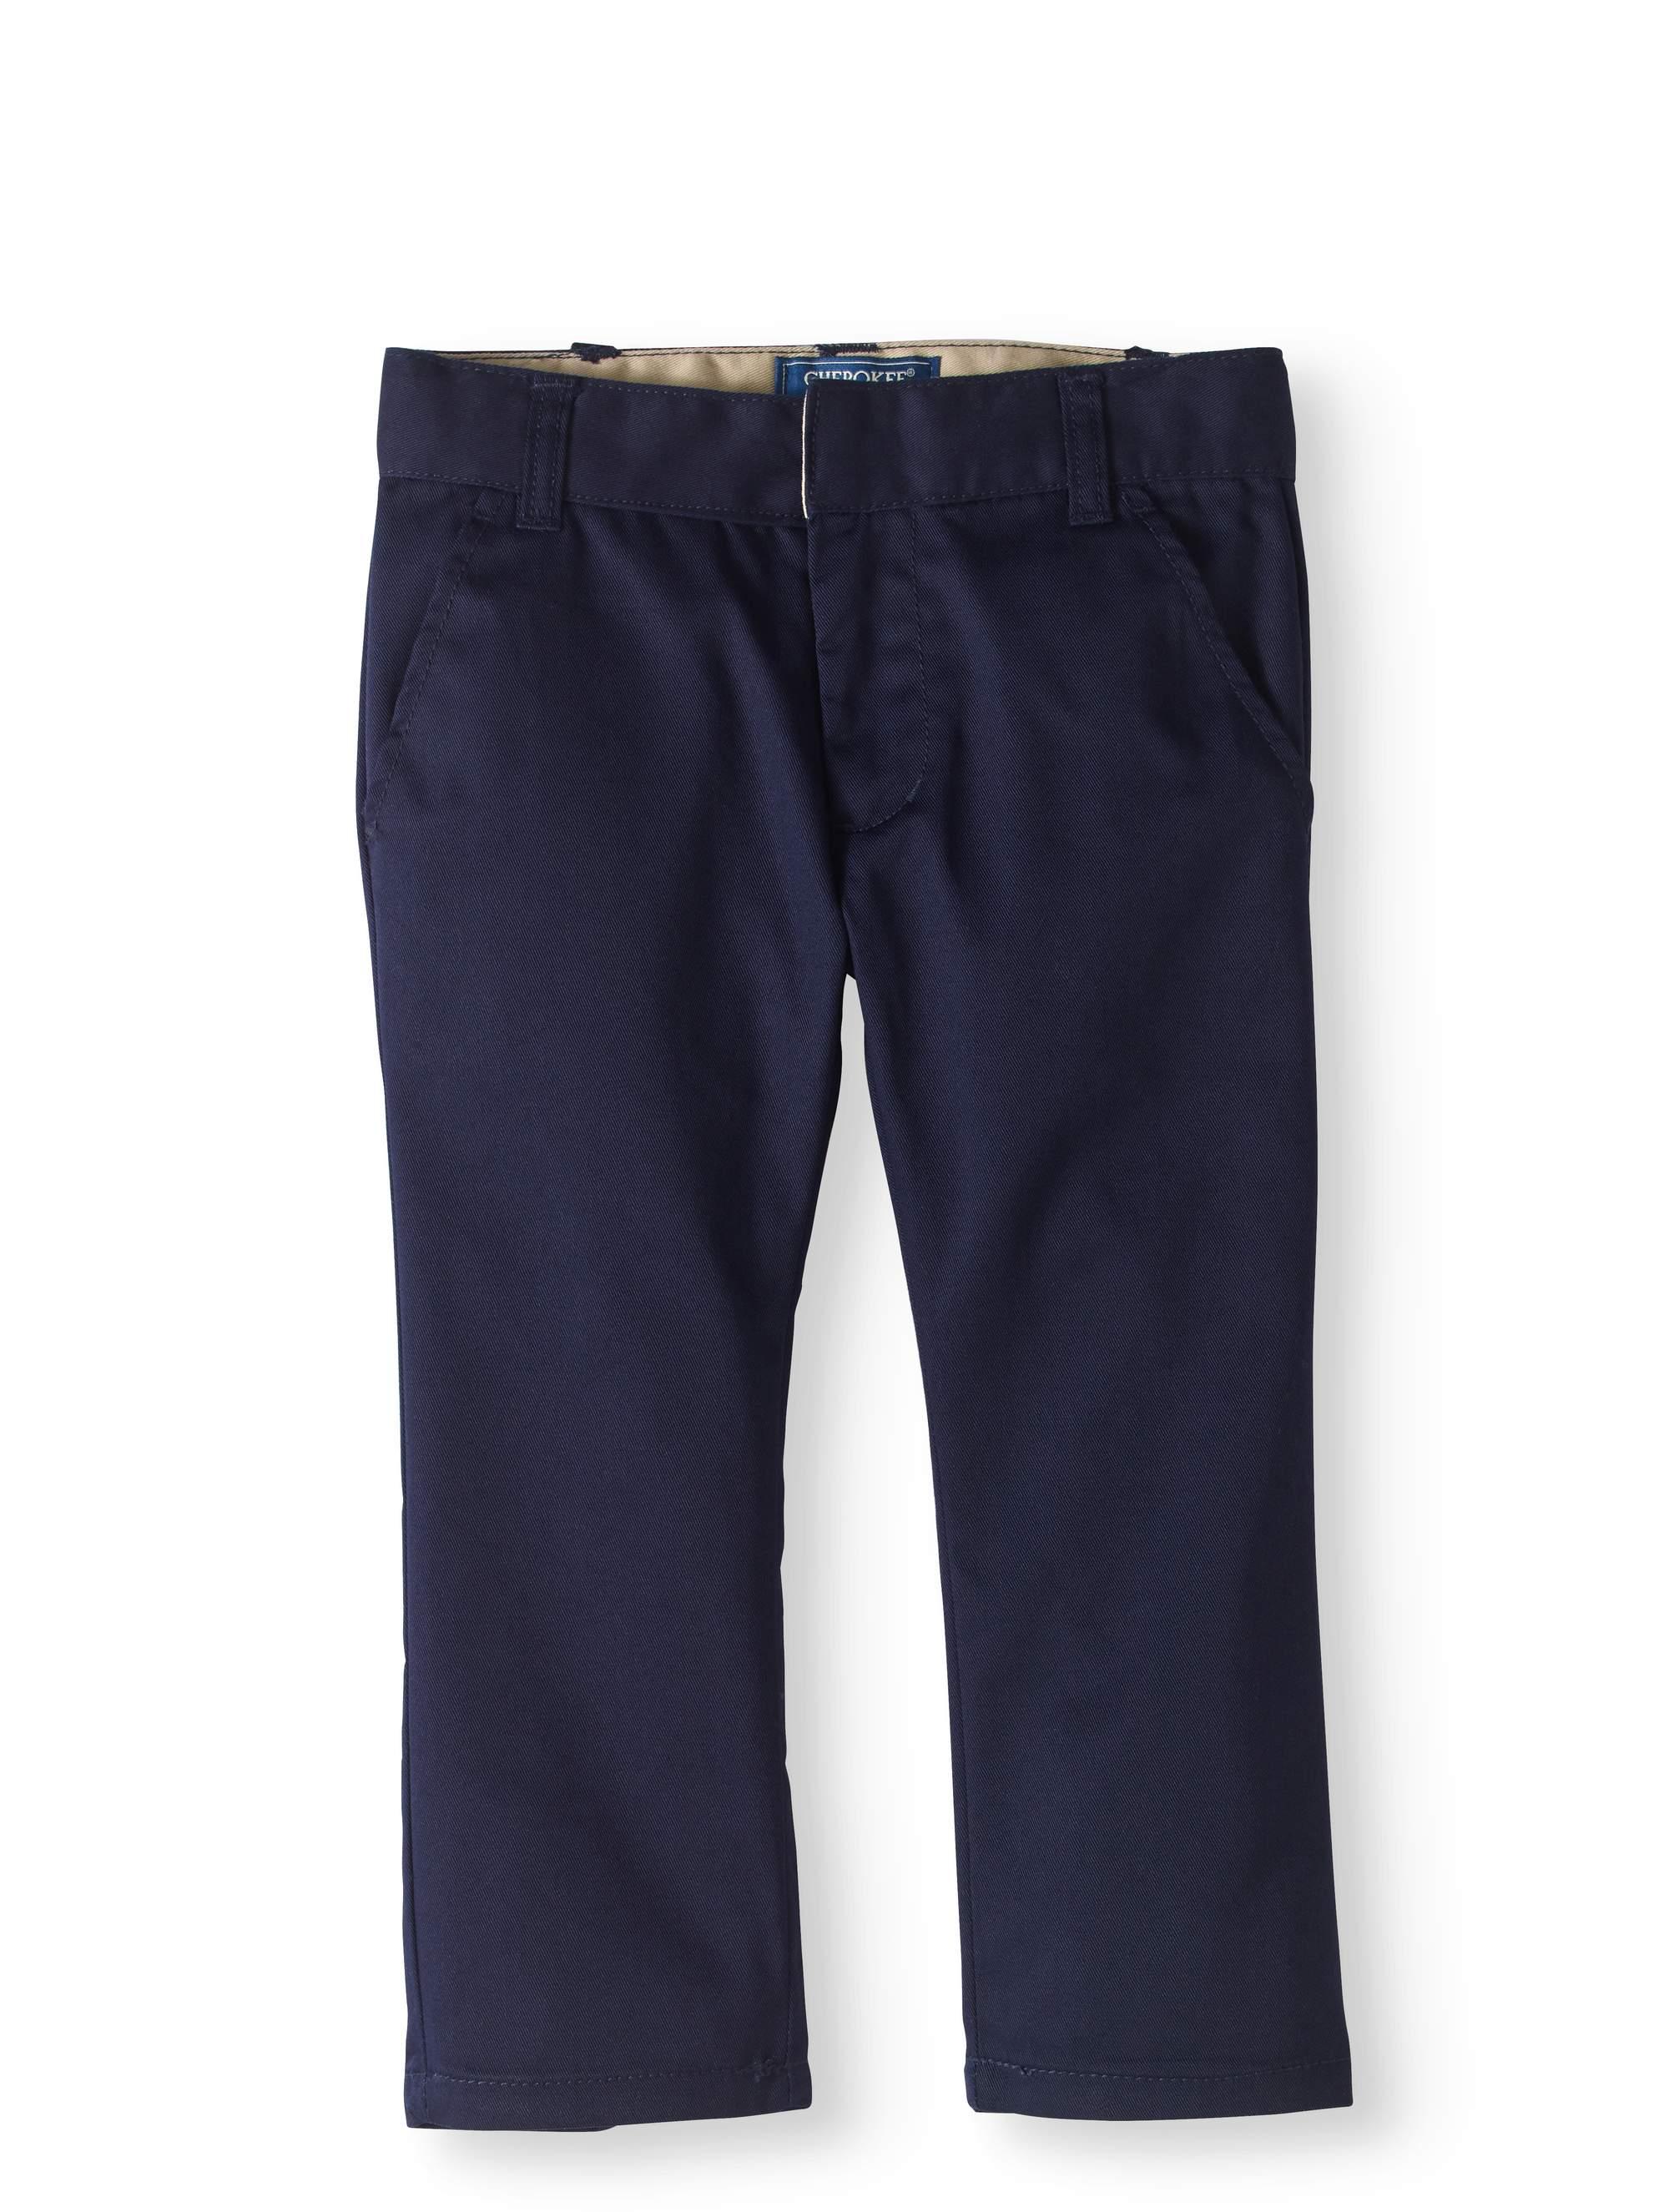 Toddler Boy Uniform Classic Fit Pant